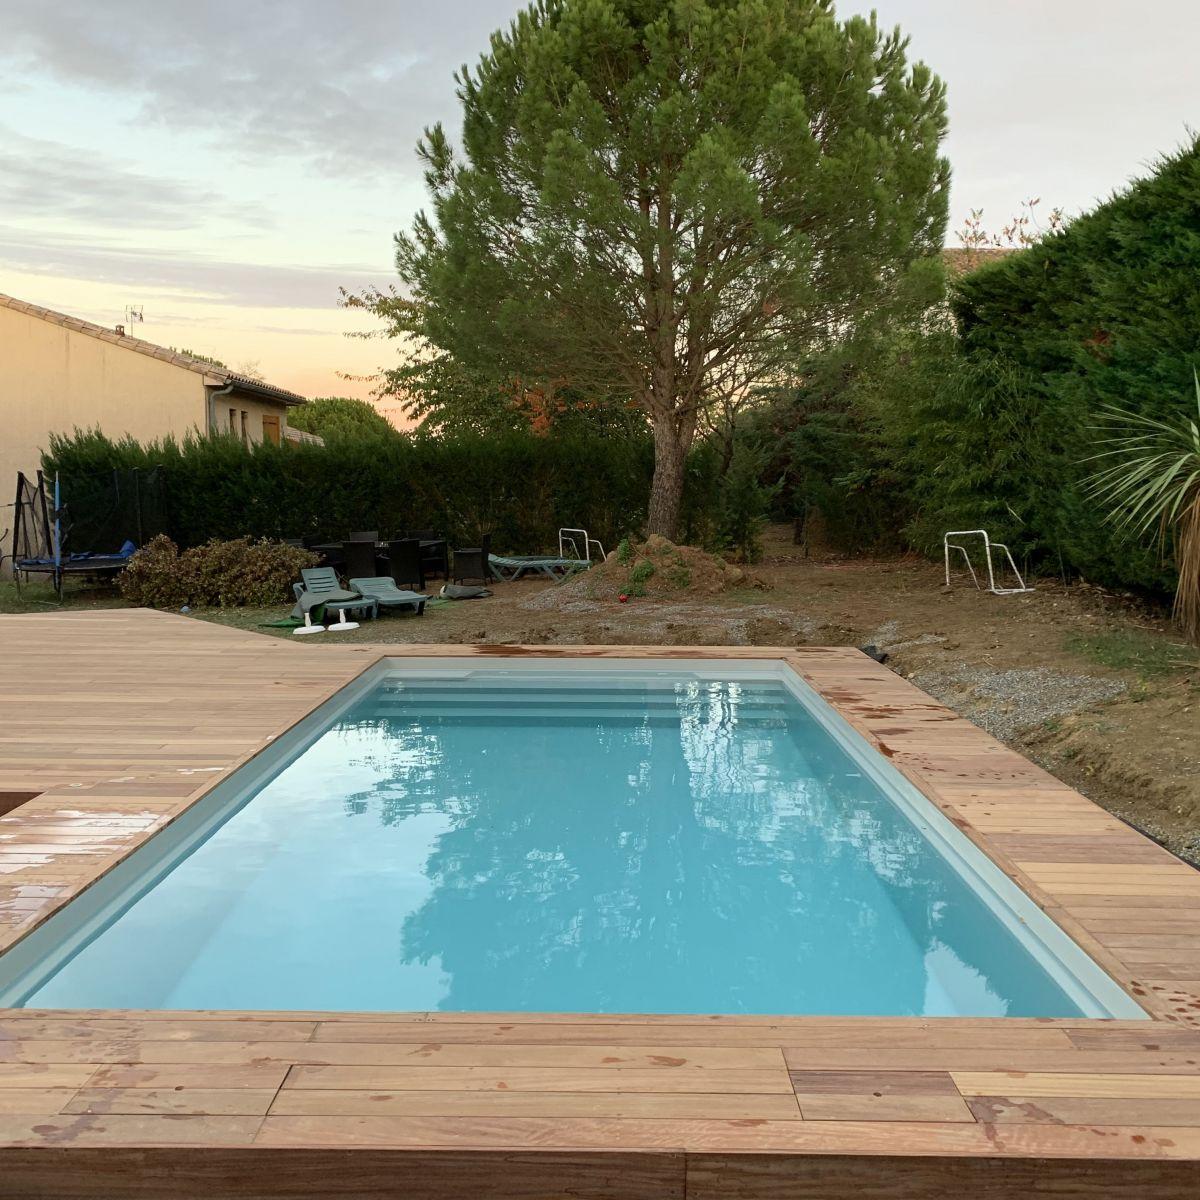 Constructeur de piscine coque avec plage toulouse - Camping a mimizan plage avec piscine ...